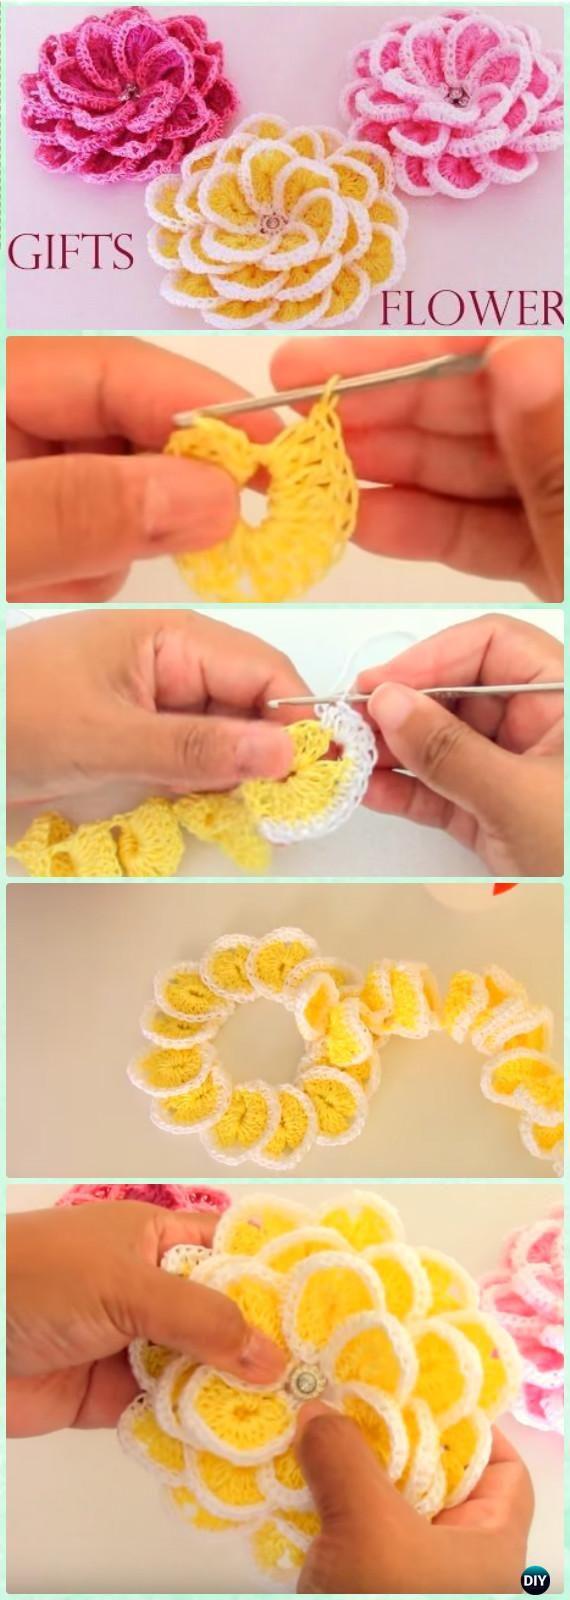 Crochet 3d flower motif free patterns instructions crochet crochet 3d flower motif free patterns instructions bankloansurffo Gallery